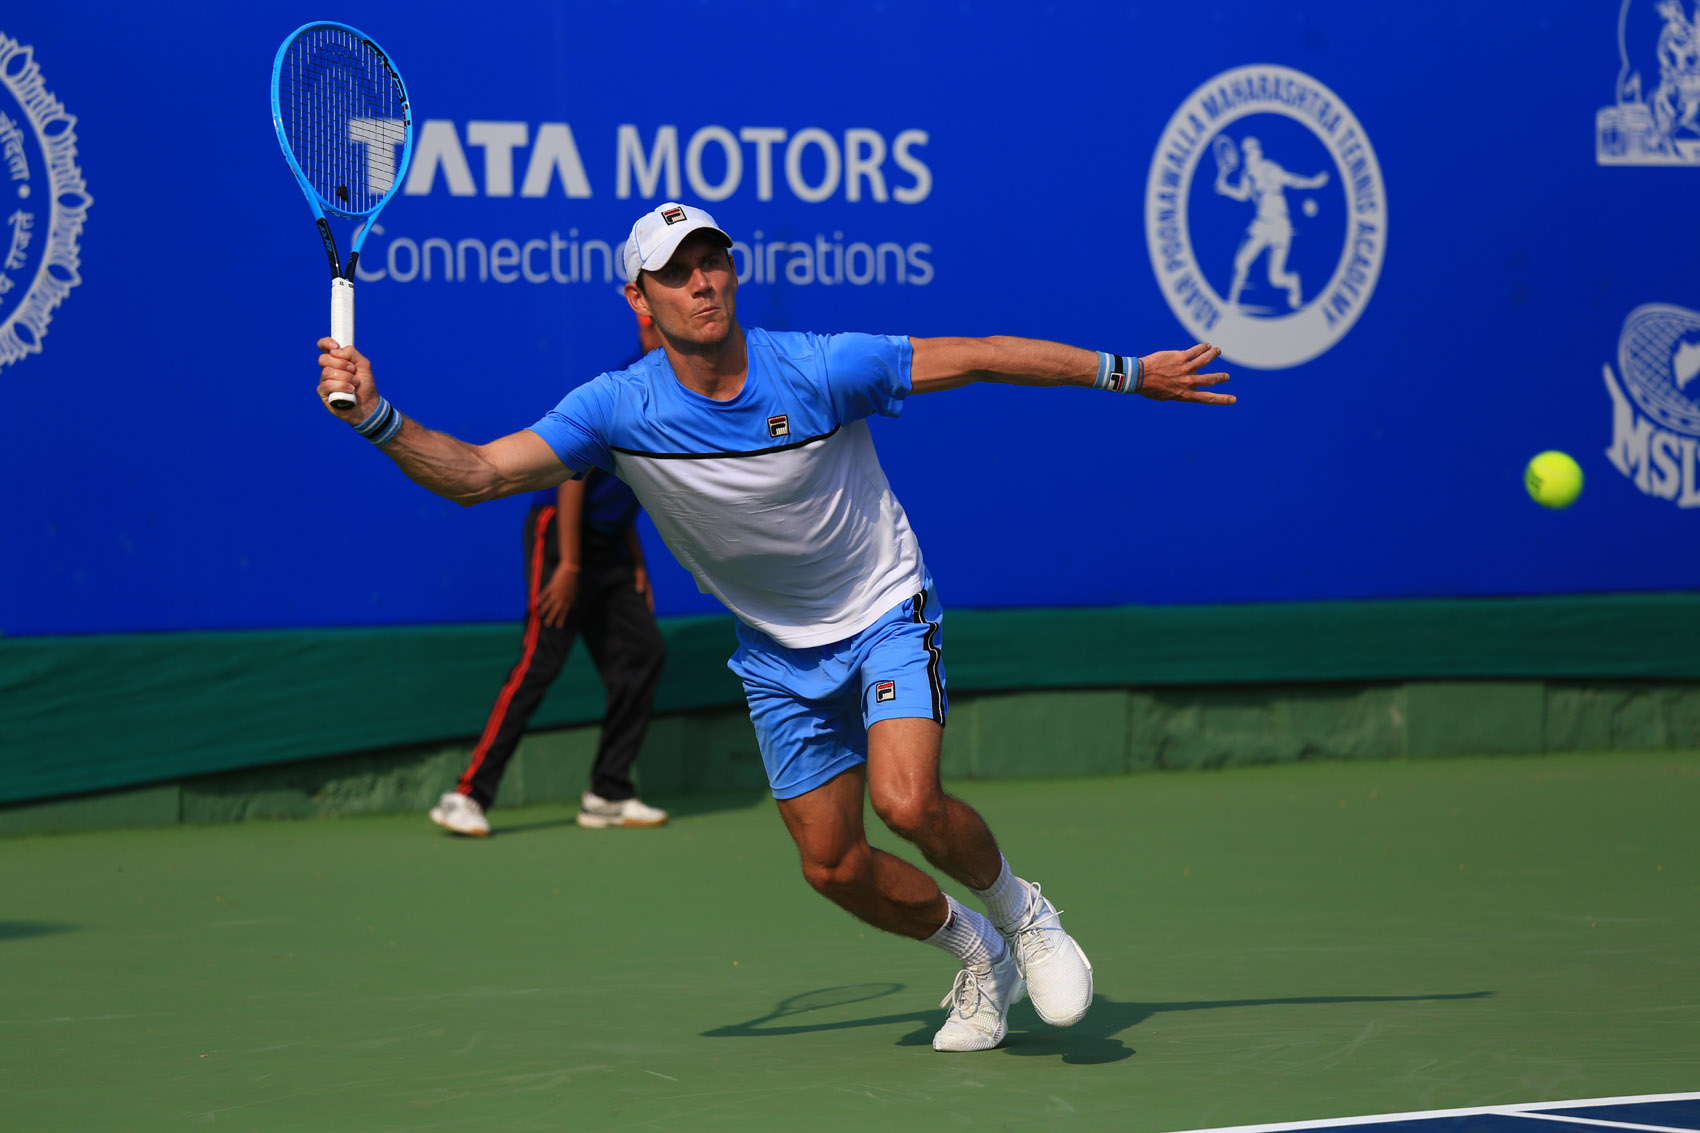 तिसऱ्या टाटा ओपन महाराष्ट्र टेनिस स्पर्धेतमॅथ्यू एबडनचा अव्वल मानांकित खेळाडूवर विजय